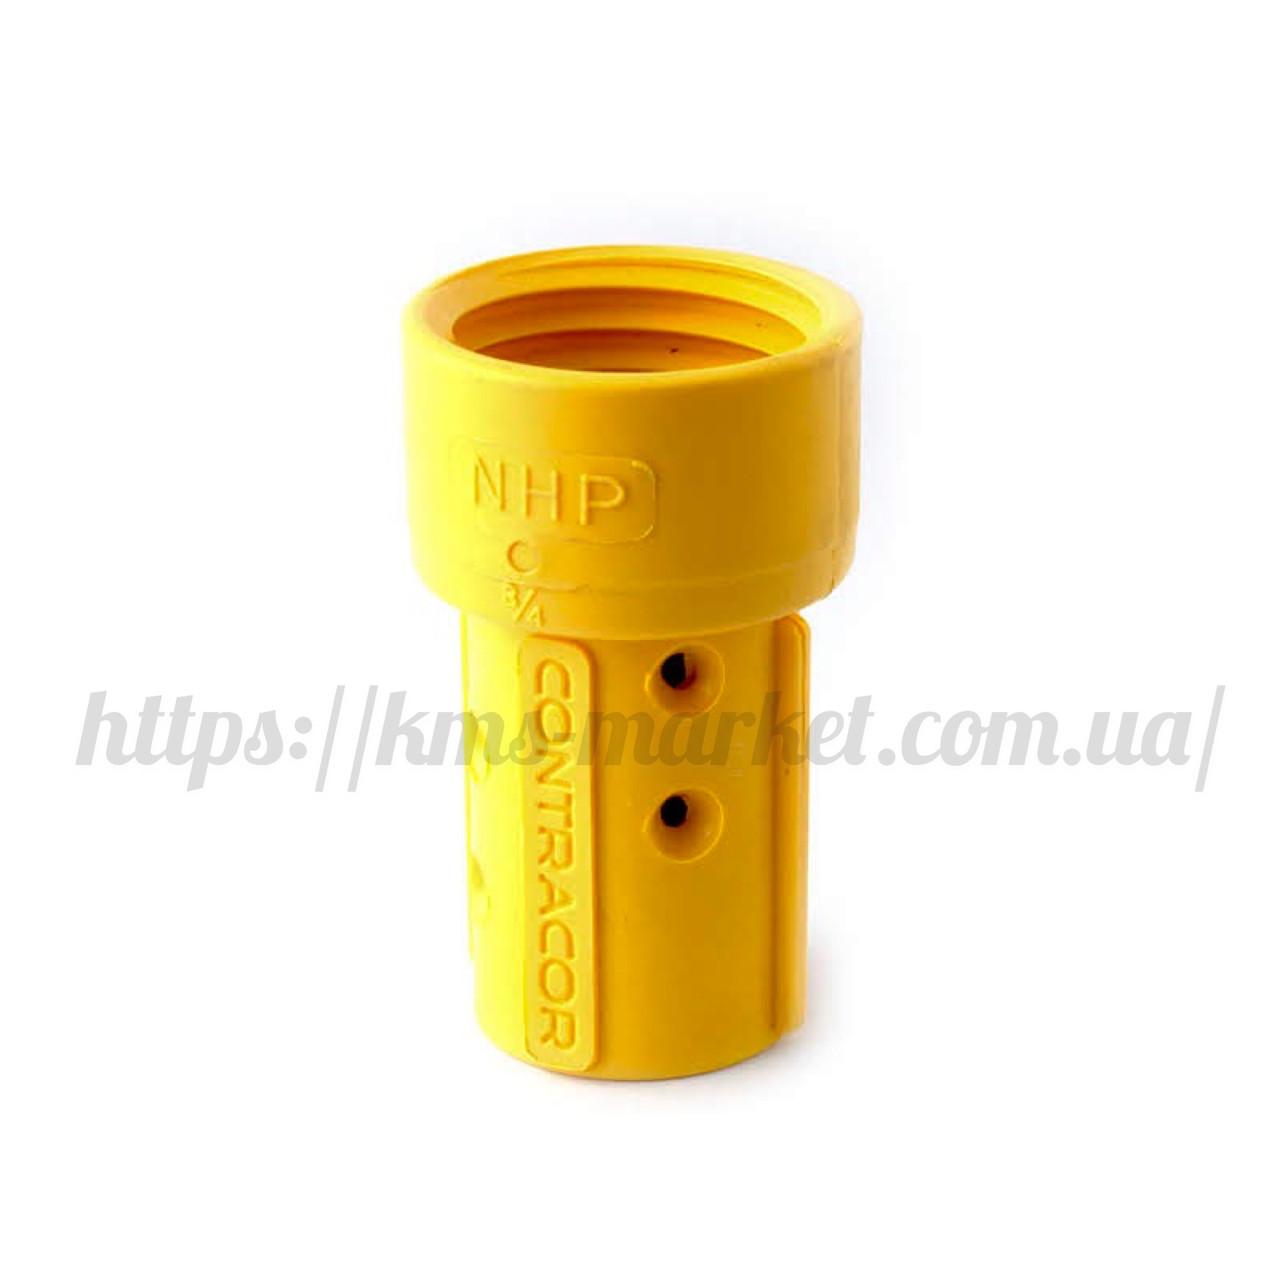 Соплодержатель Contracor NHP-3/4  для рукава Ø19 x 33 mm 10112200